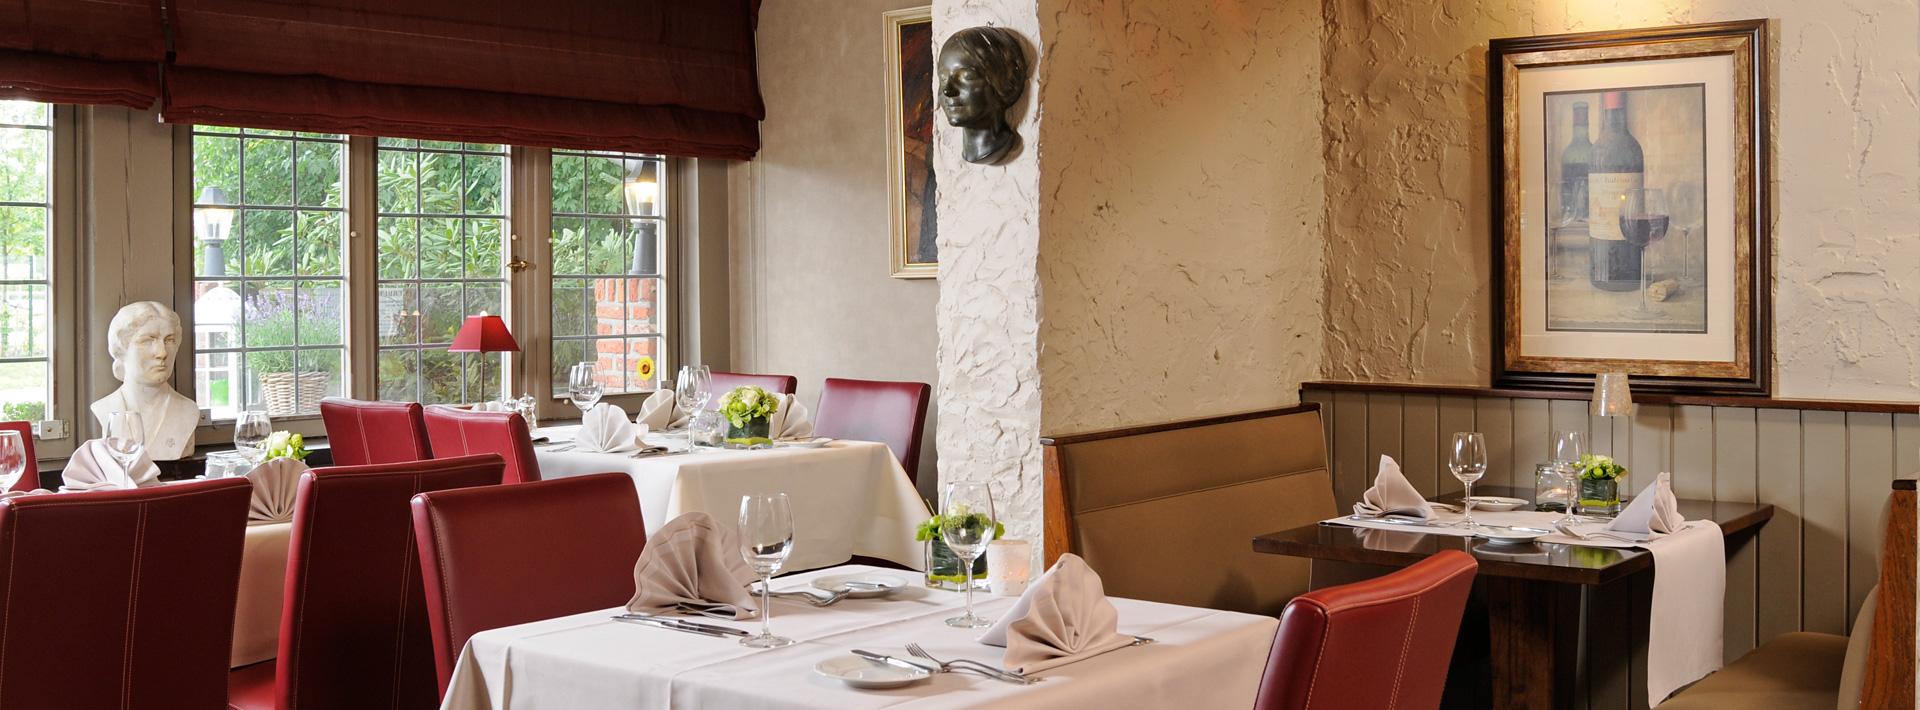 restaurant-feestzalen-malpertus-in-st-niklaas_standaard_01